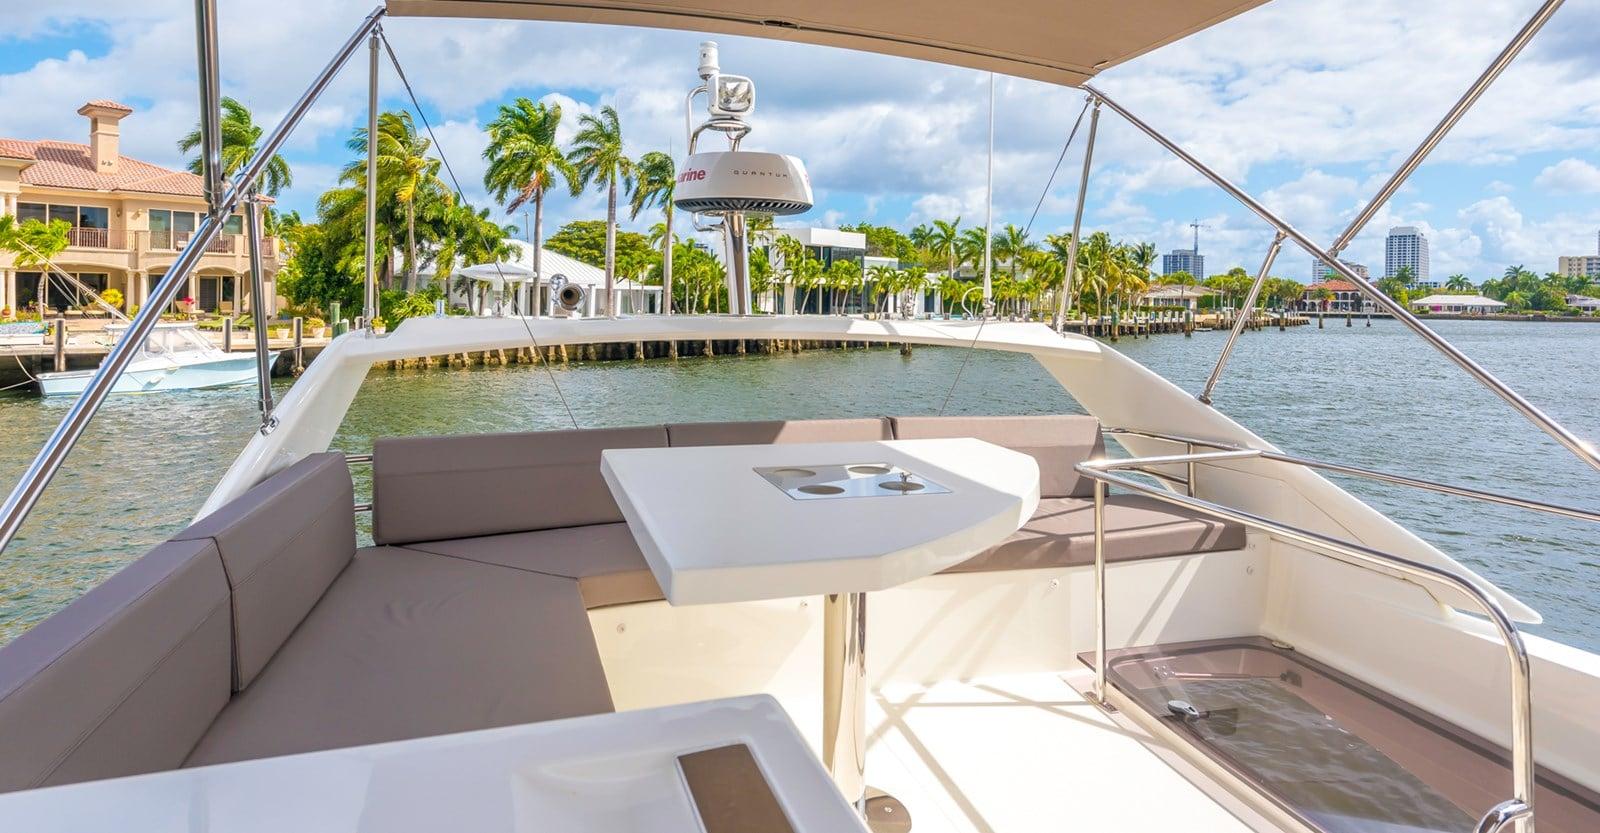 prestige 460 yacht flybridgejpg